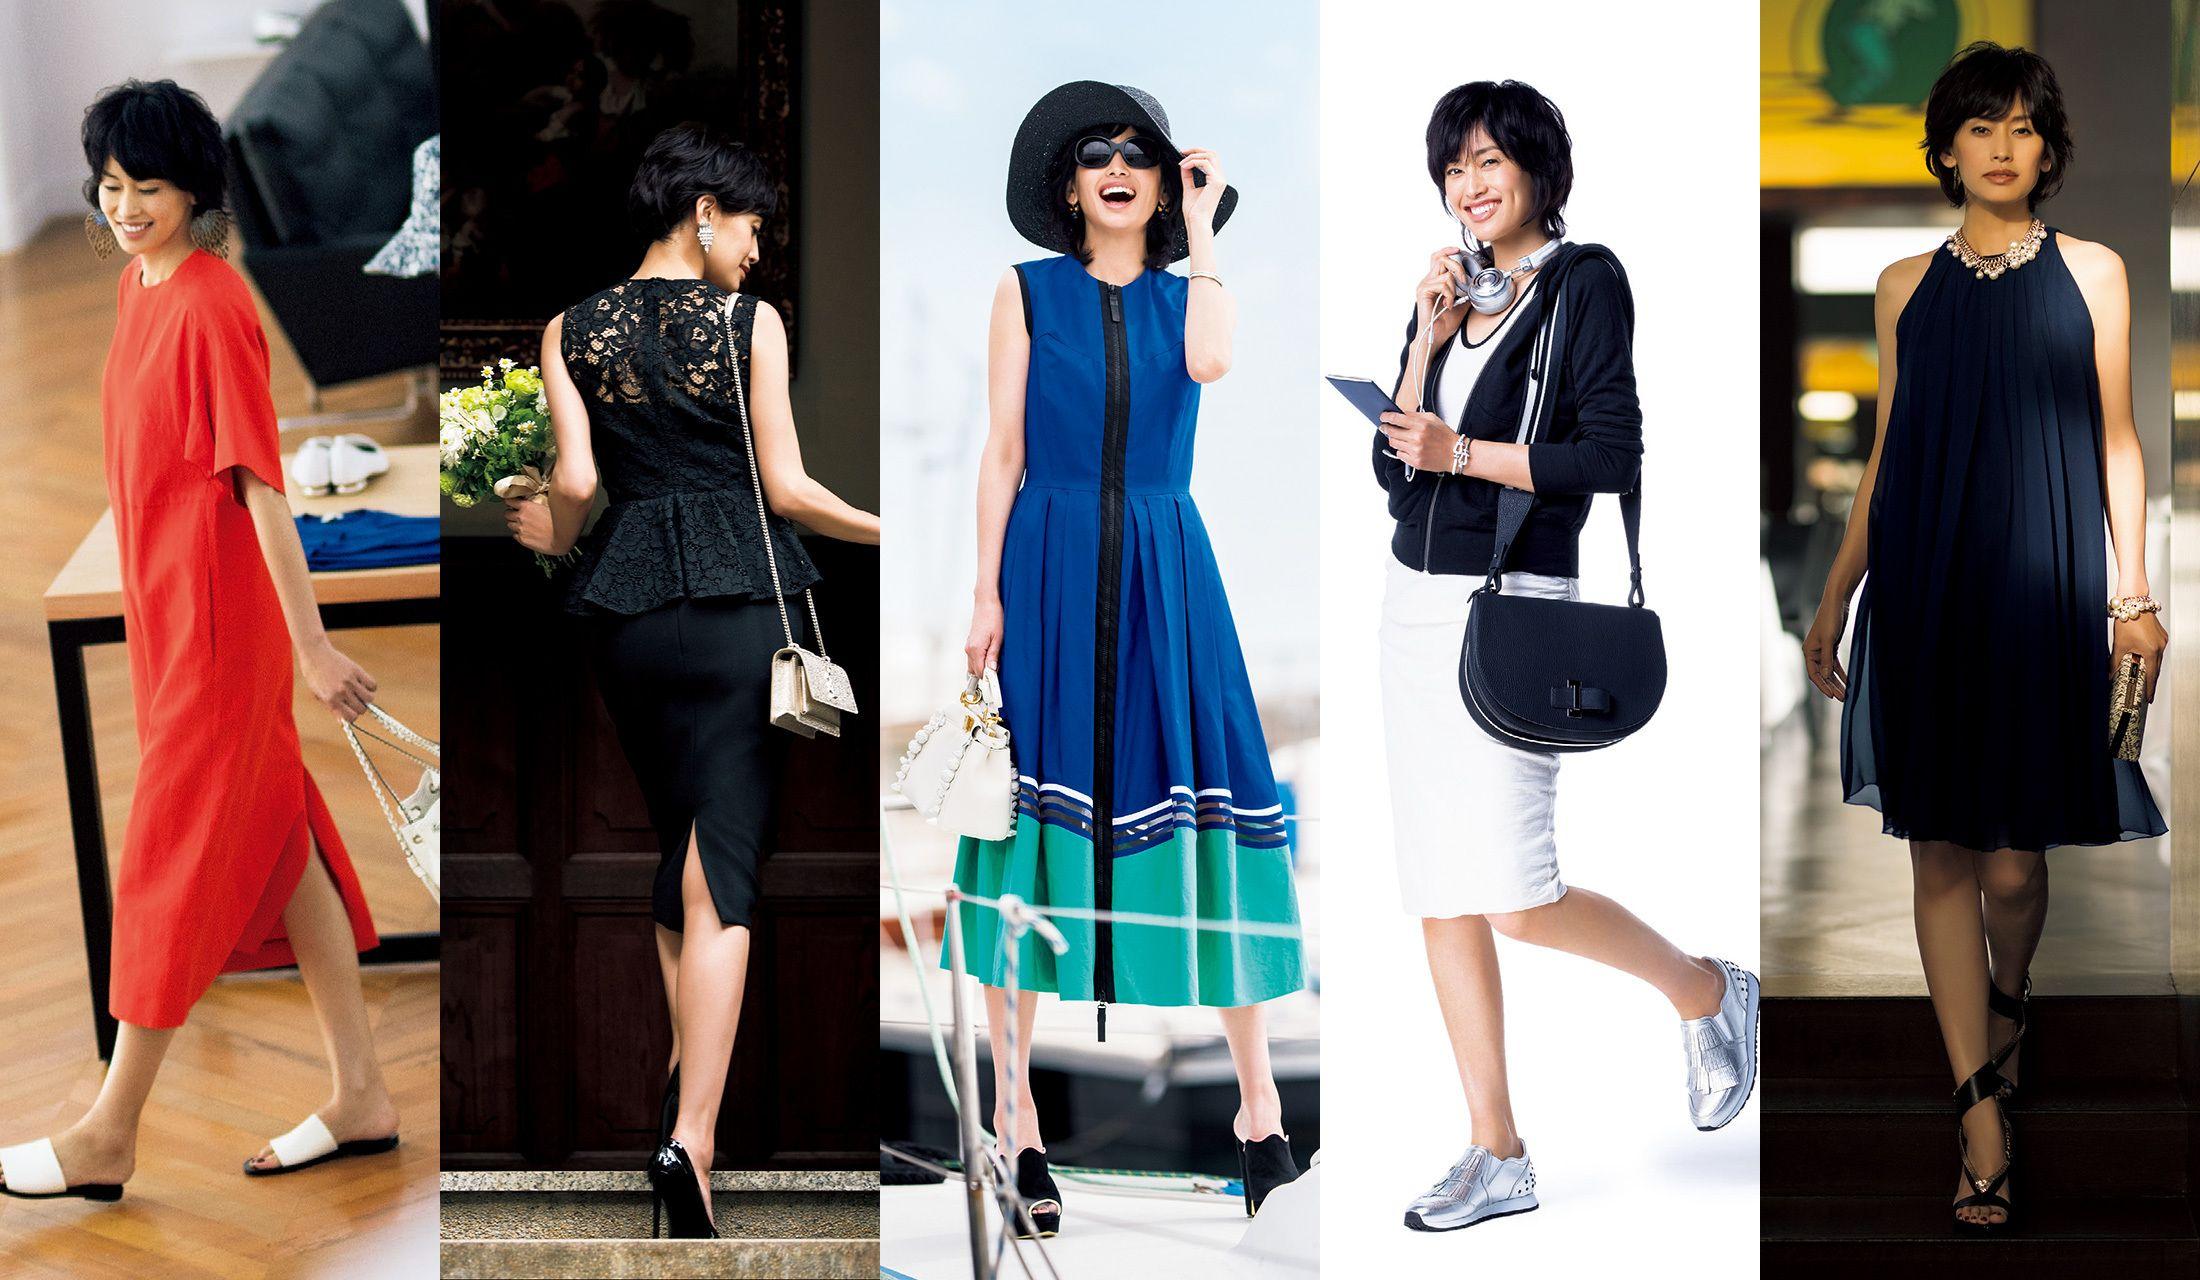 ワンピースを着たモデルの高橋里奈さんの写真5枚